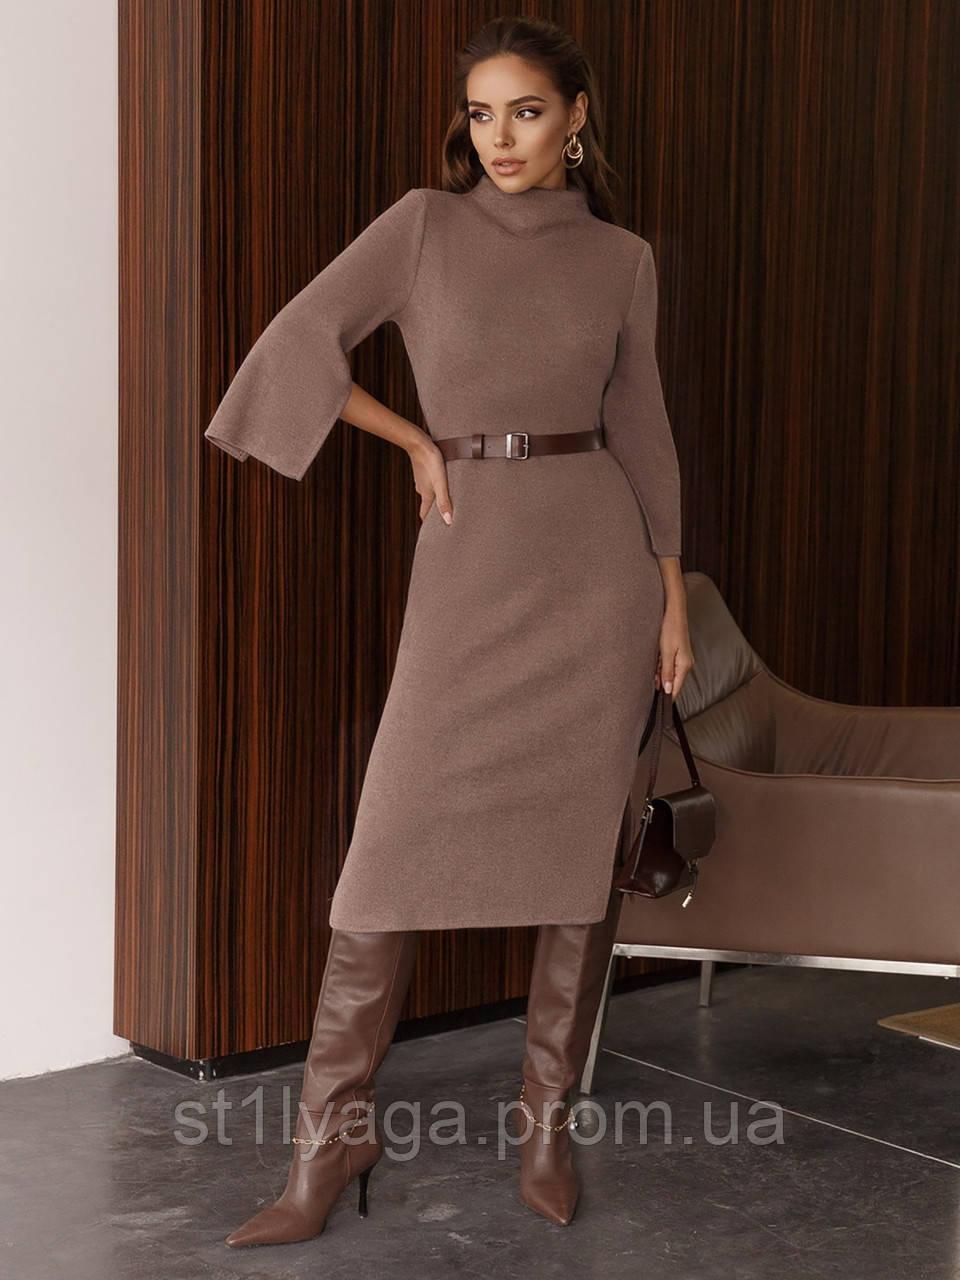 Трикотажное платье-миди приталенного кроя с поясом в комплекте